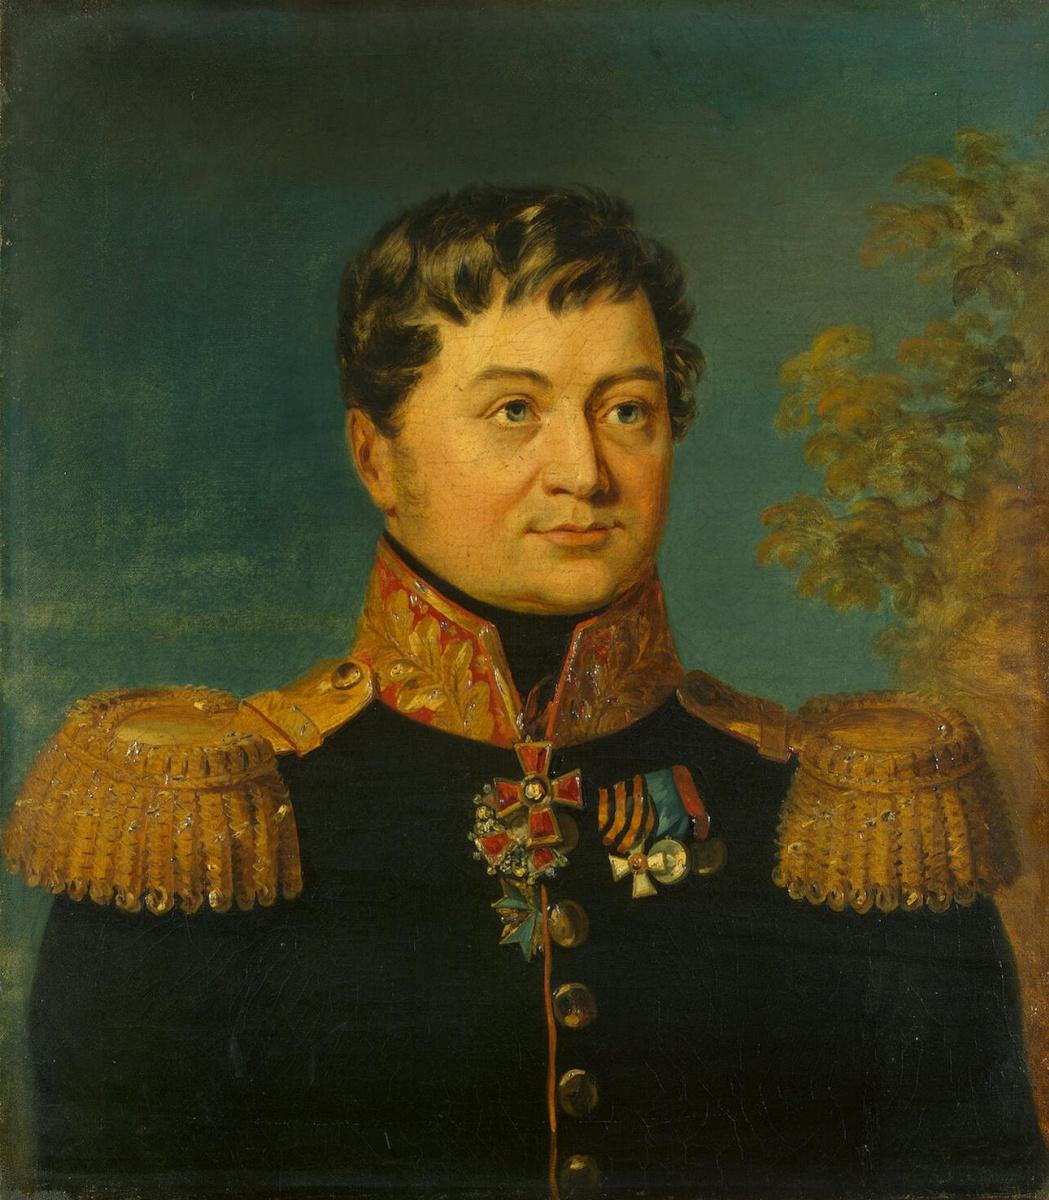 Джордж Доу. Портрет Андрея Петровича Турчанинова